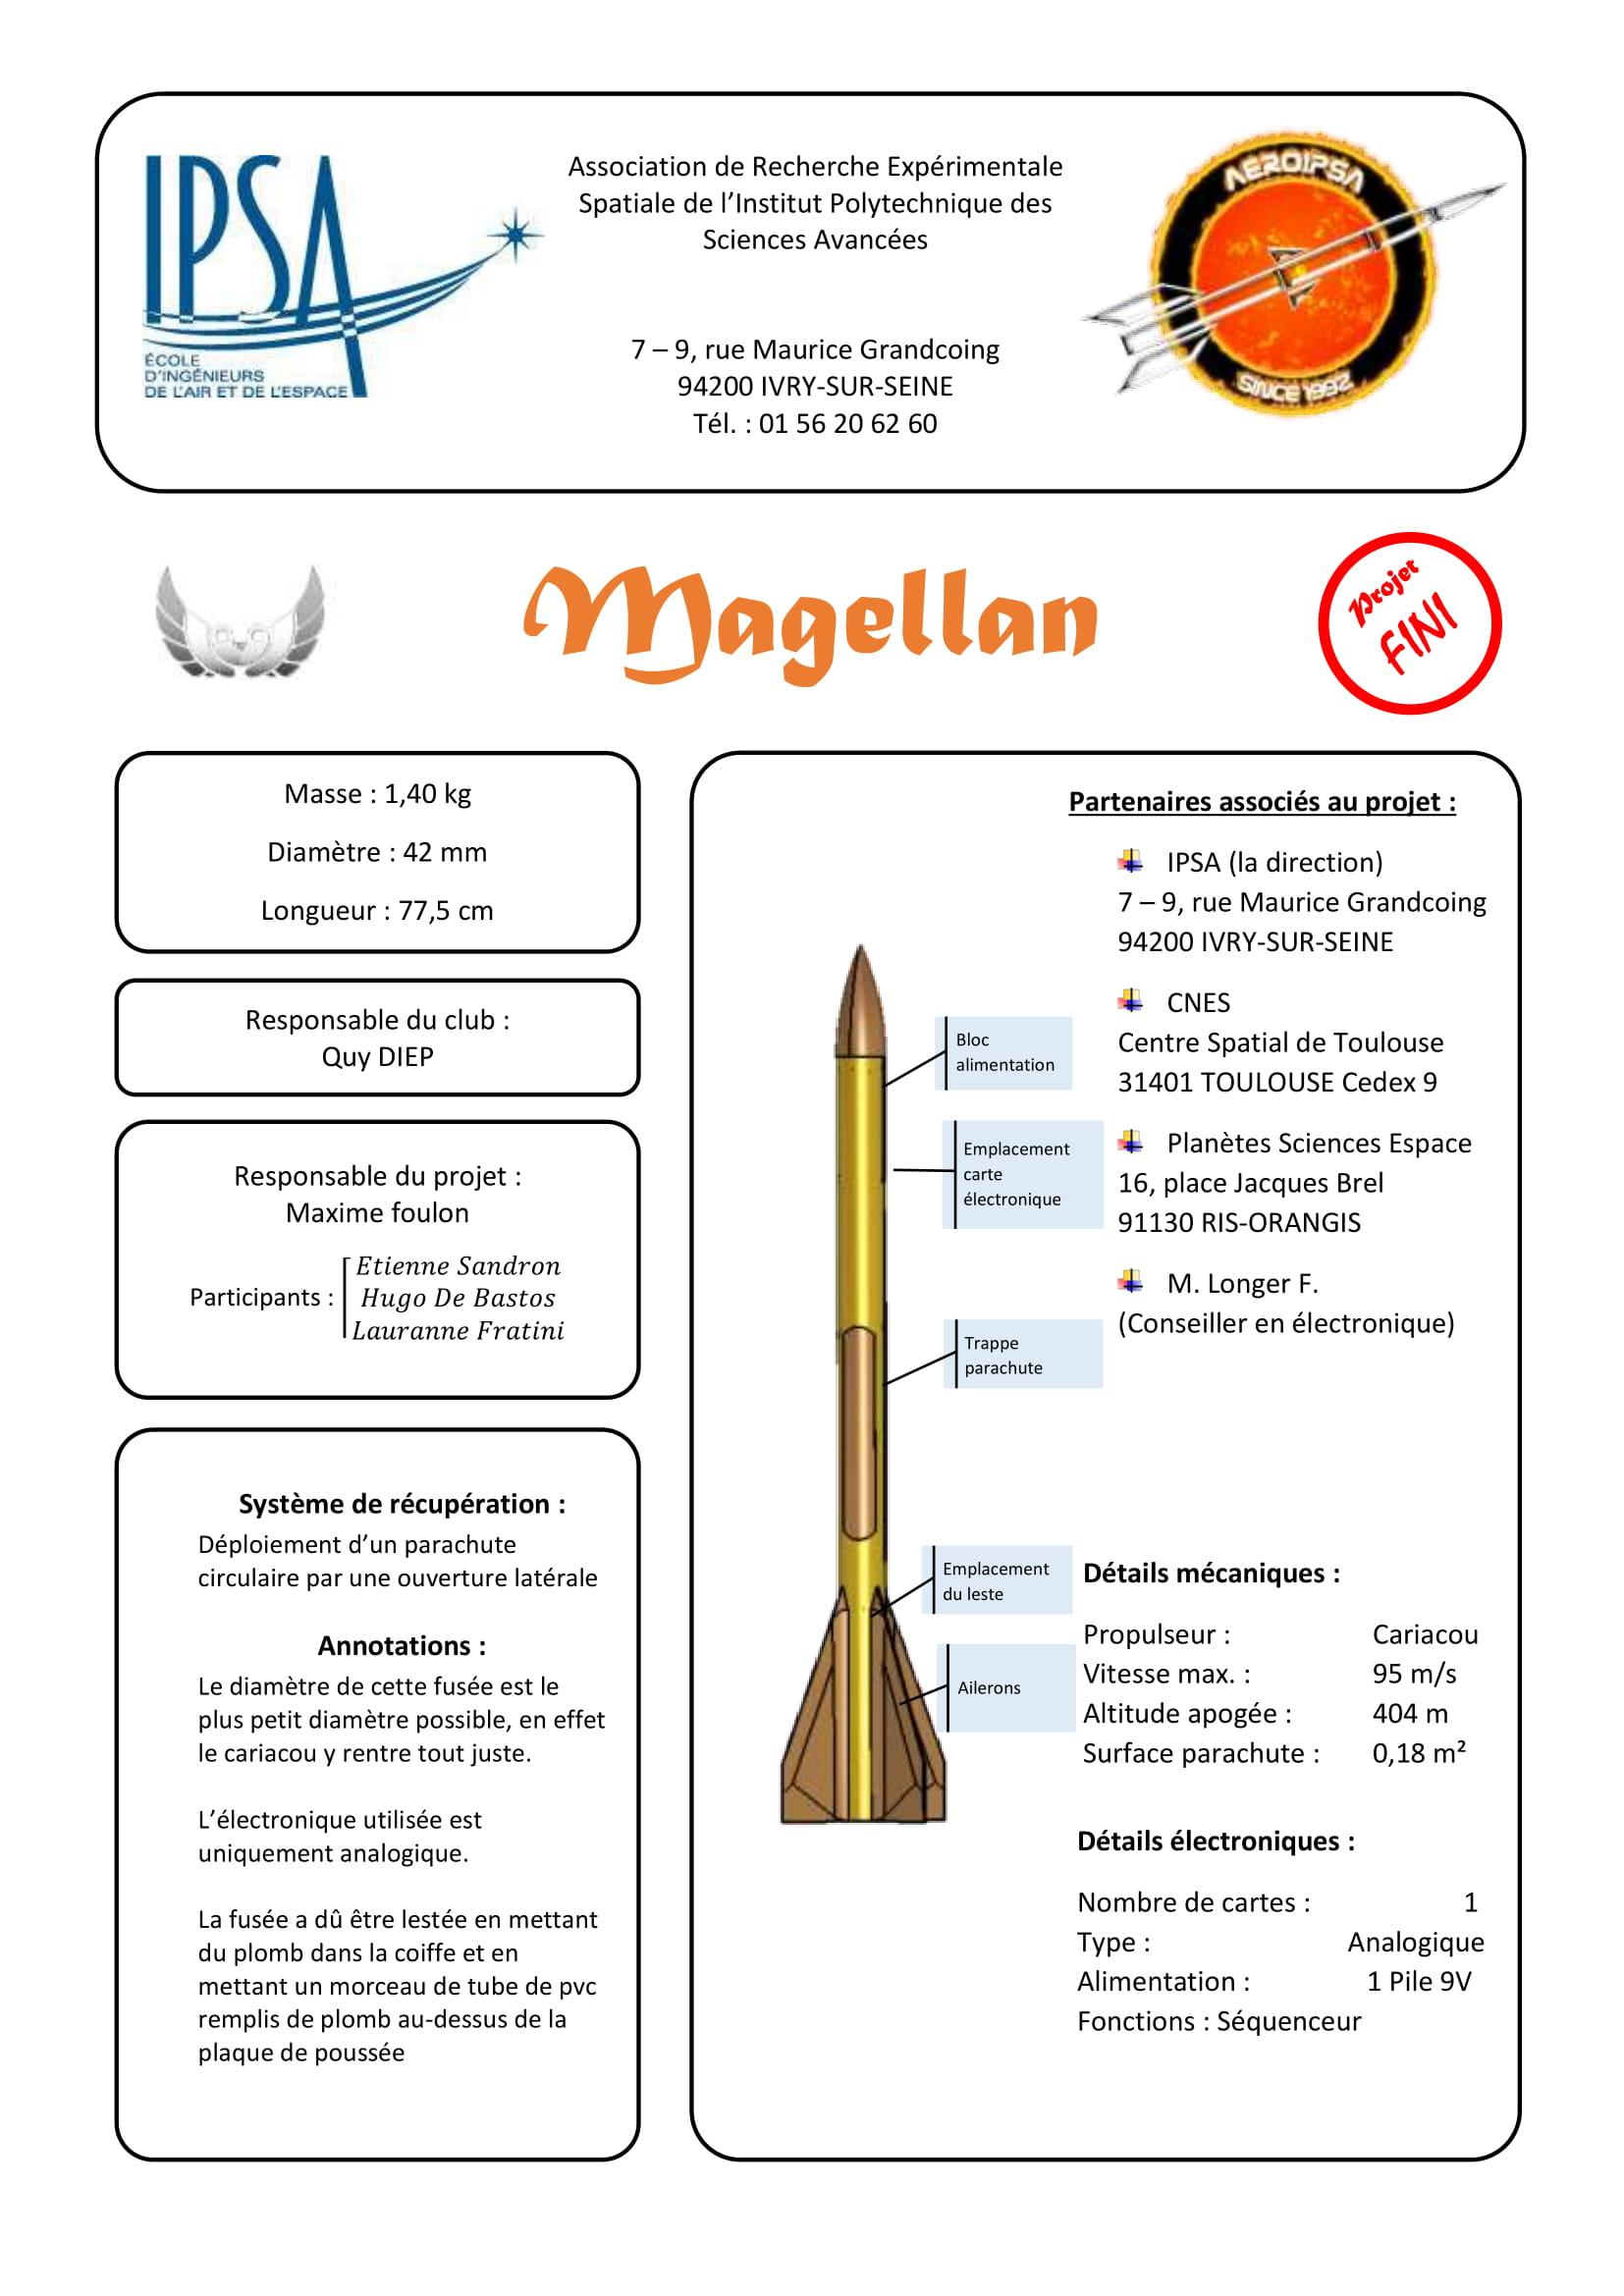 2015 Fiche Signalétique Magellan-1.jpg